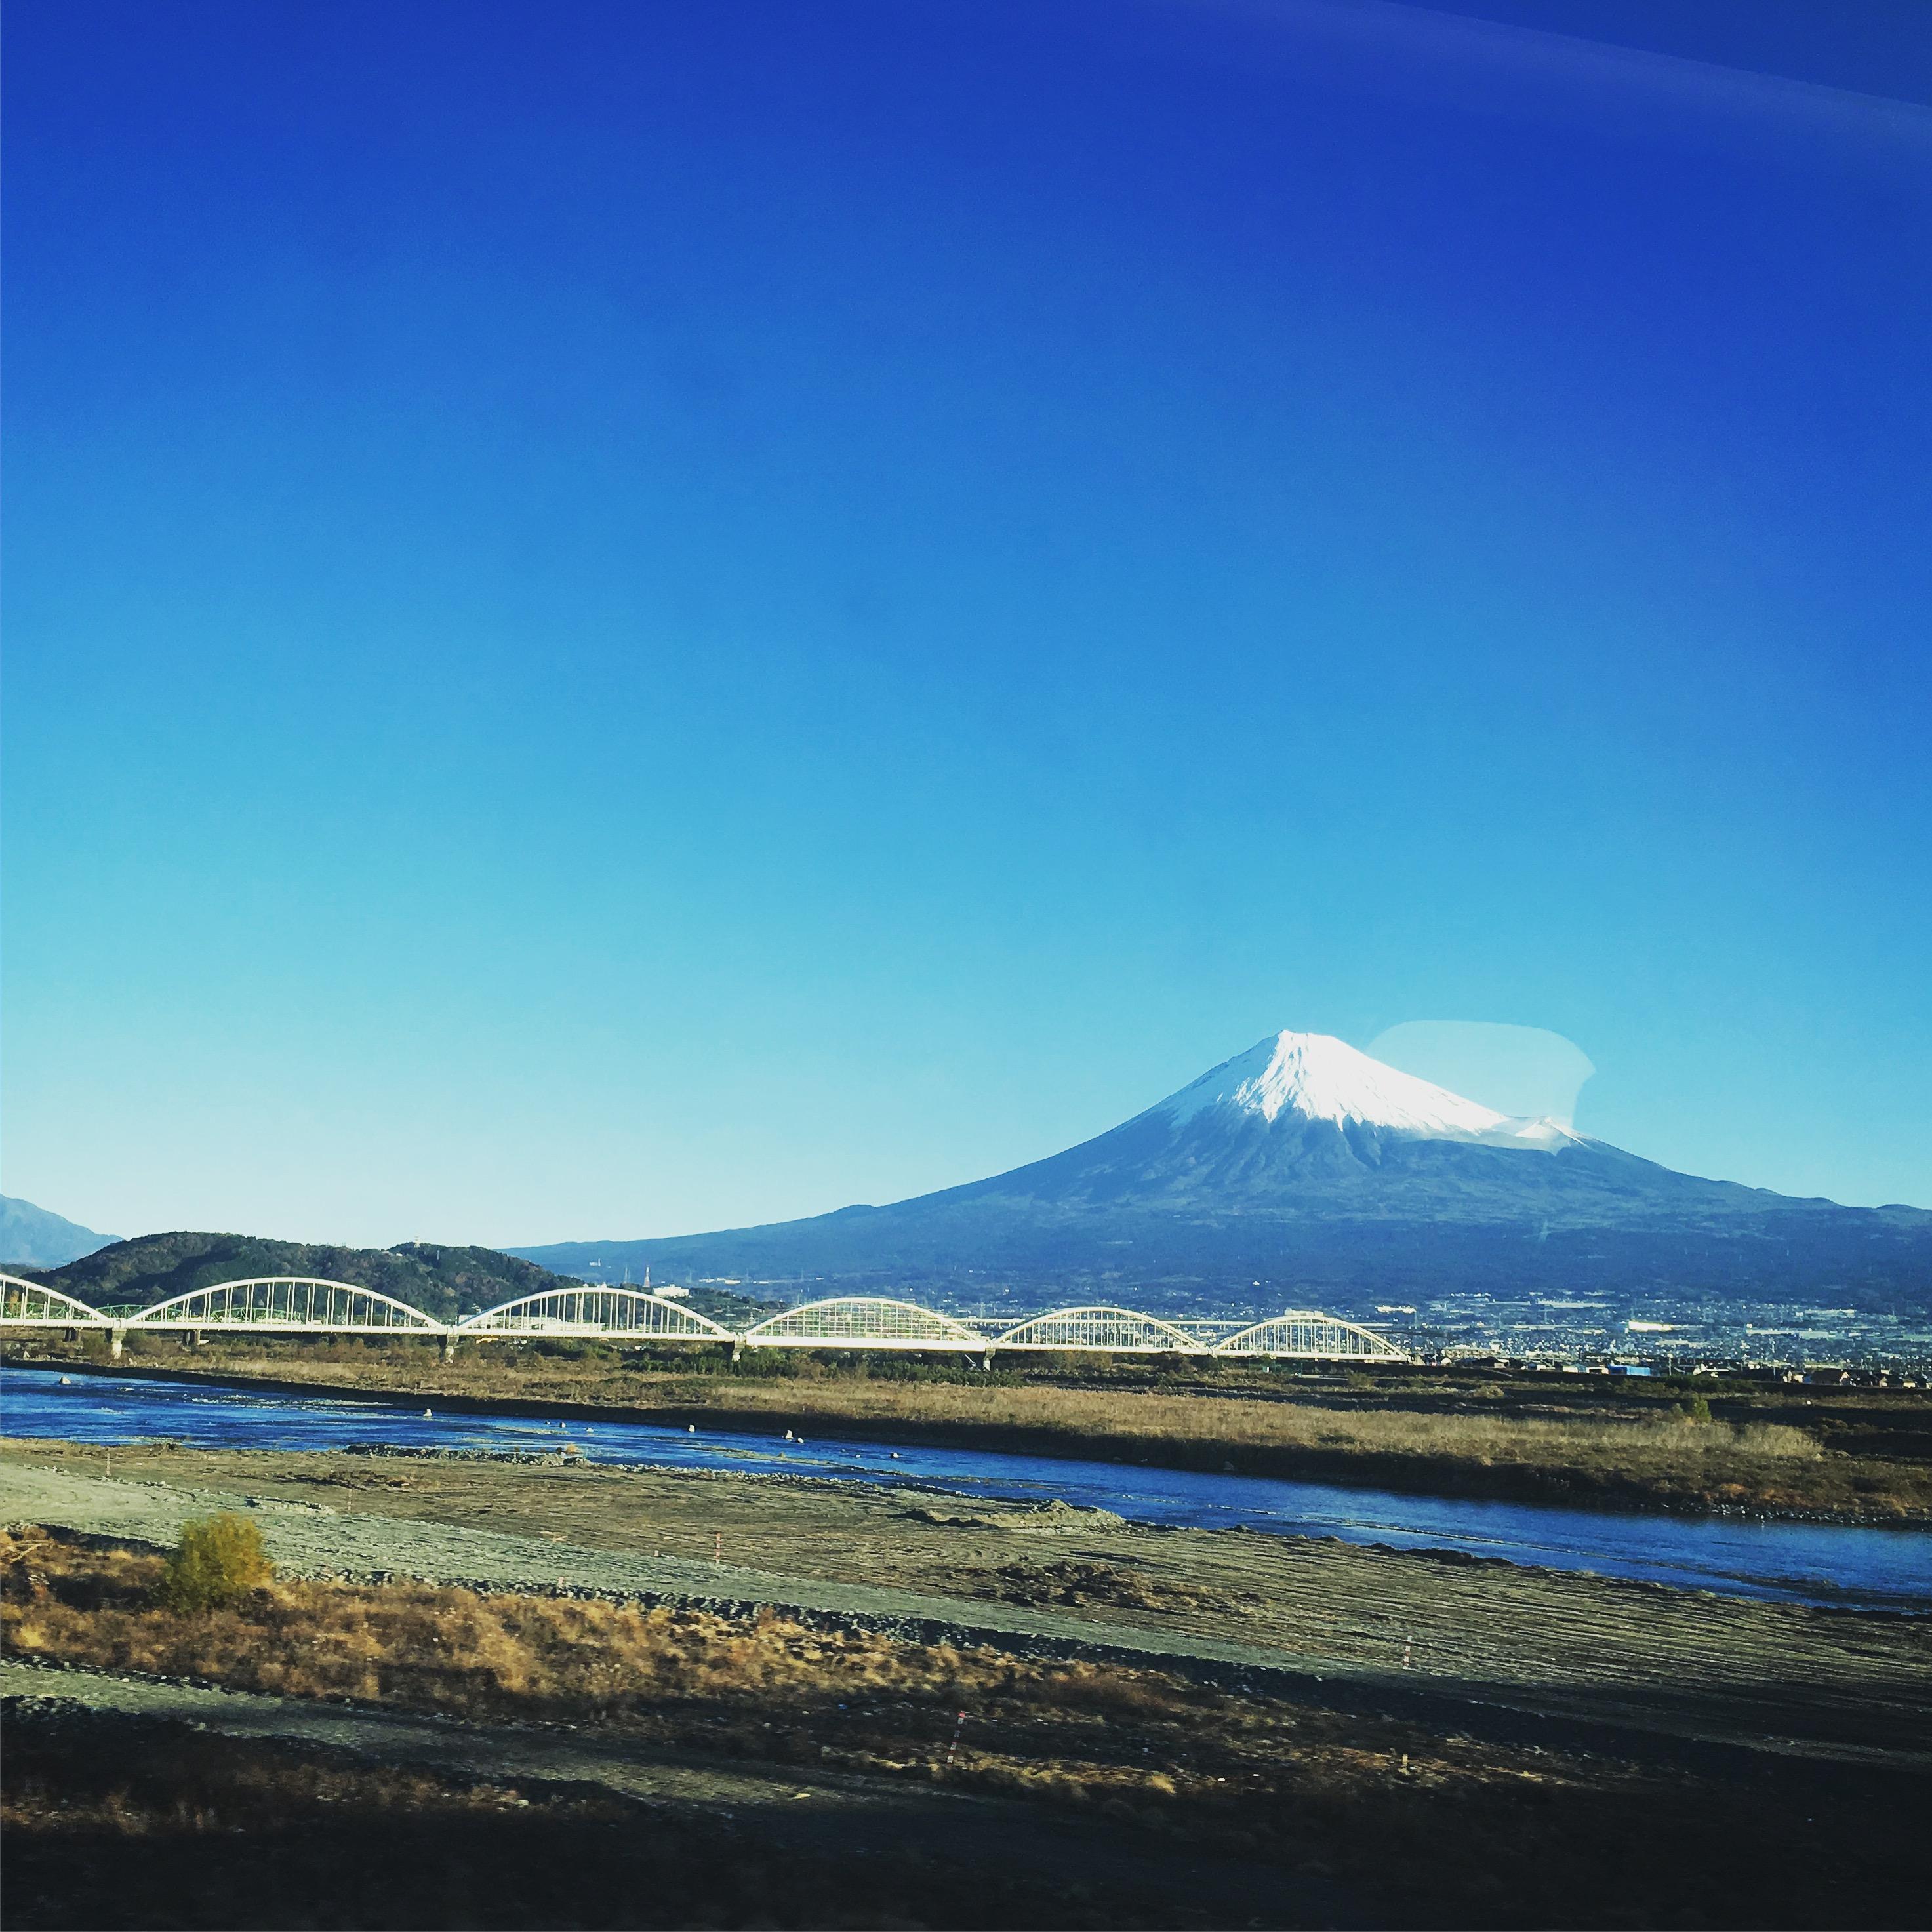 関東支部特別講演の日の富士山(新幹線内から)